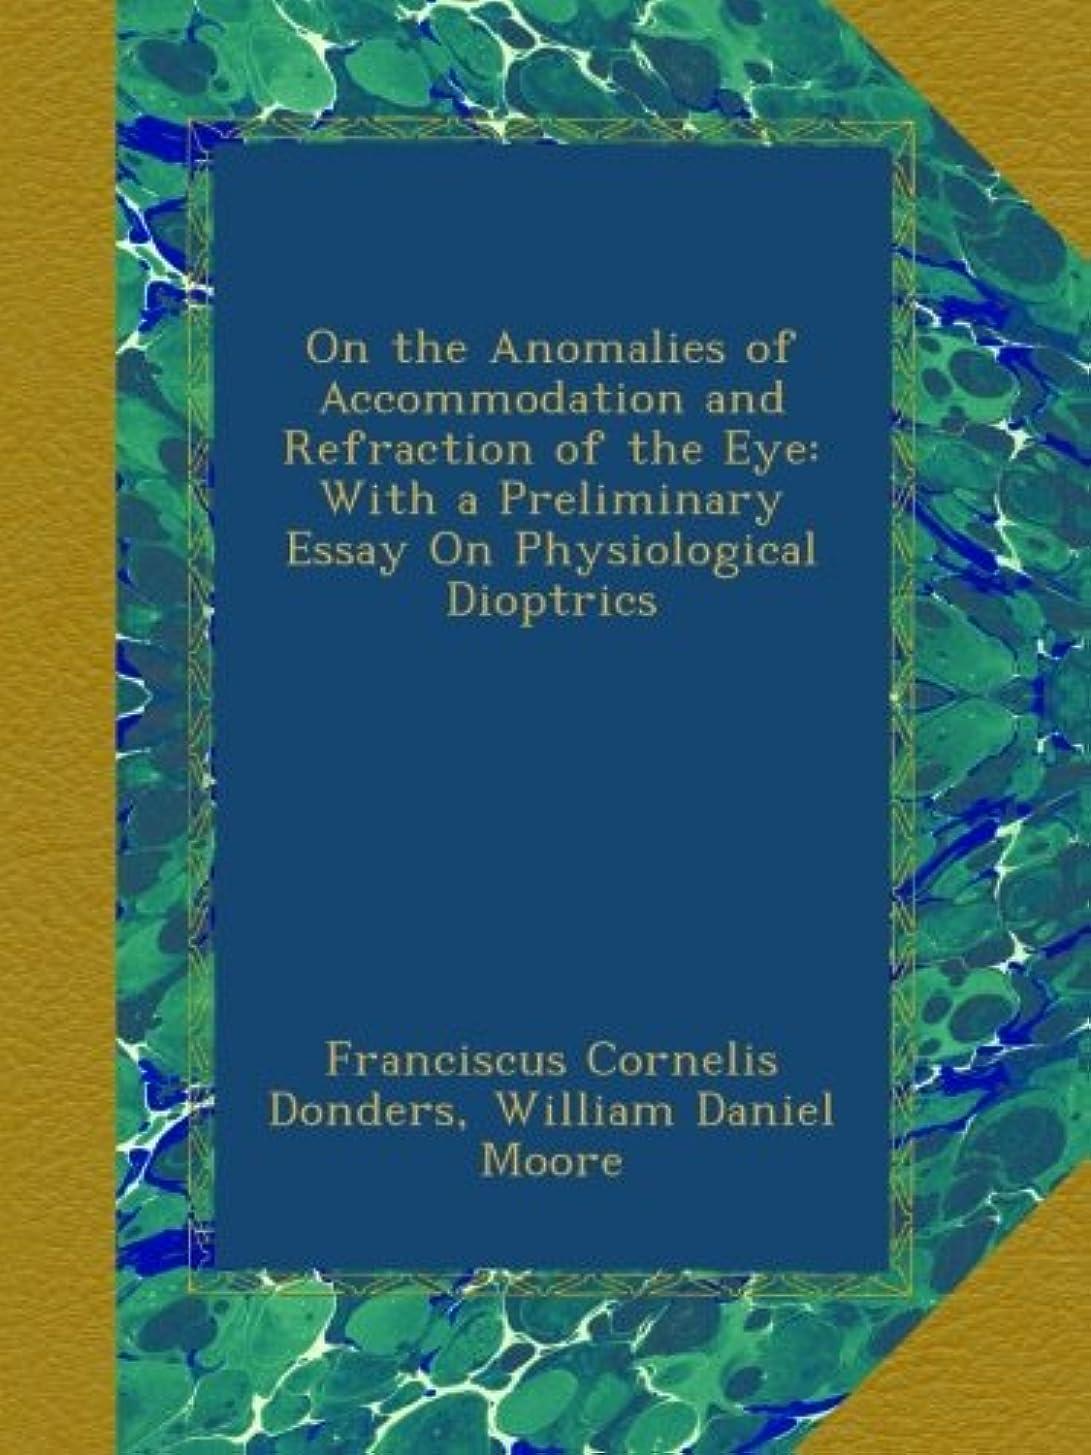 枠店員便利さOn the Anomalies of Accommodation and Refraction of the Eye: With a Preliminary Essay On Physiological Dioptrics